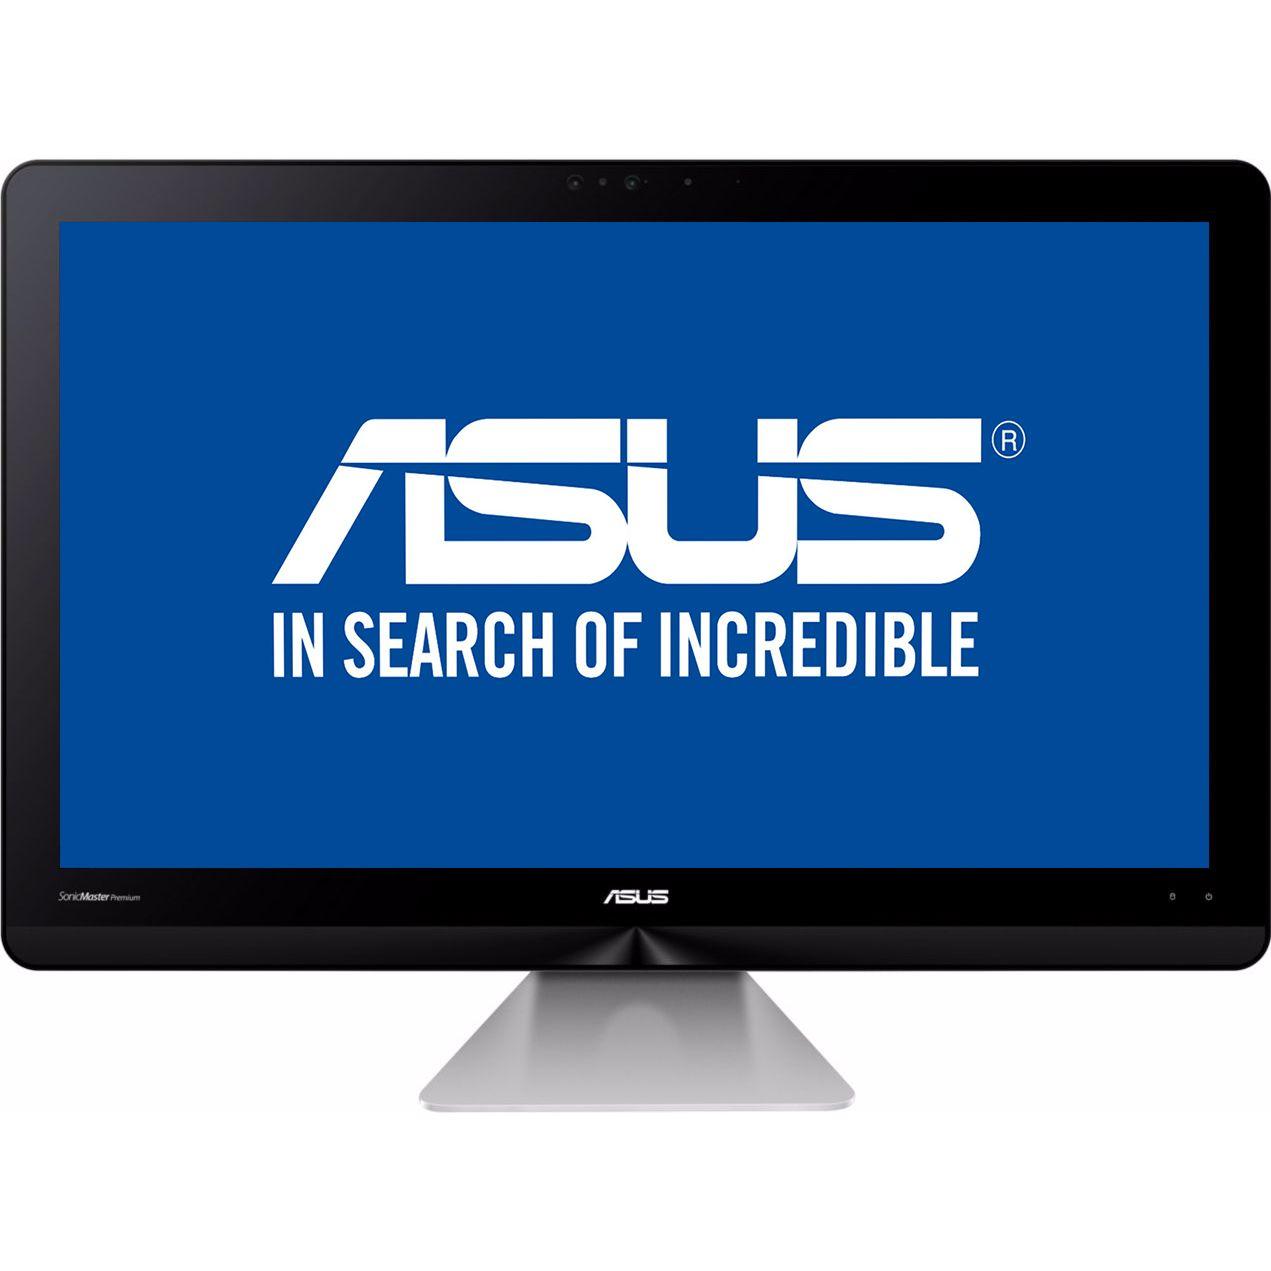 Sistem All-In-One Asus ZN241ICUK 23.8 Full HD Intel Core i7-7500U RAM 16GB HDD 1TB + SSD 128GB Windows 10 Pro